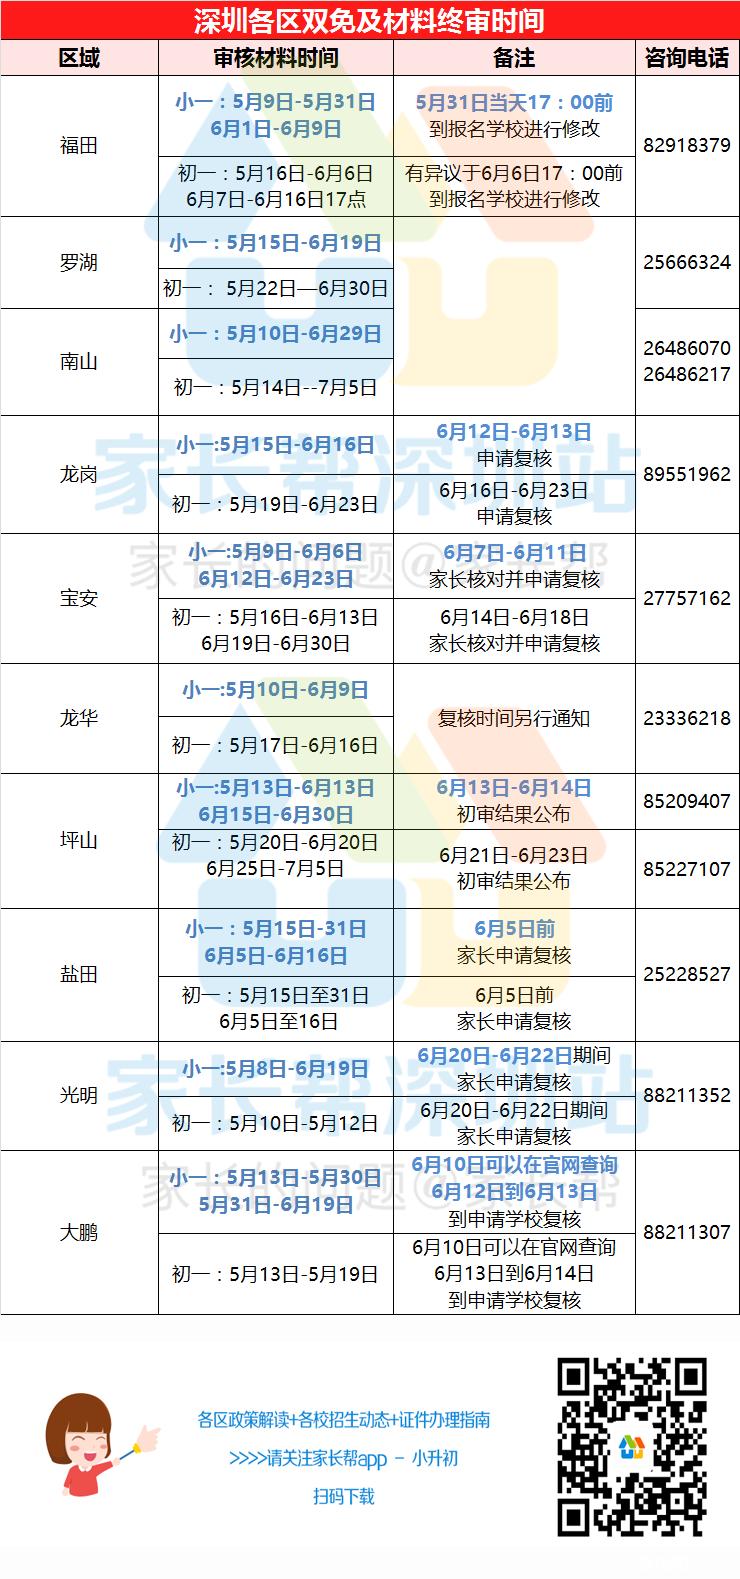 教育局审核时间安排表.png